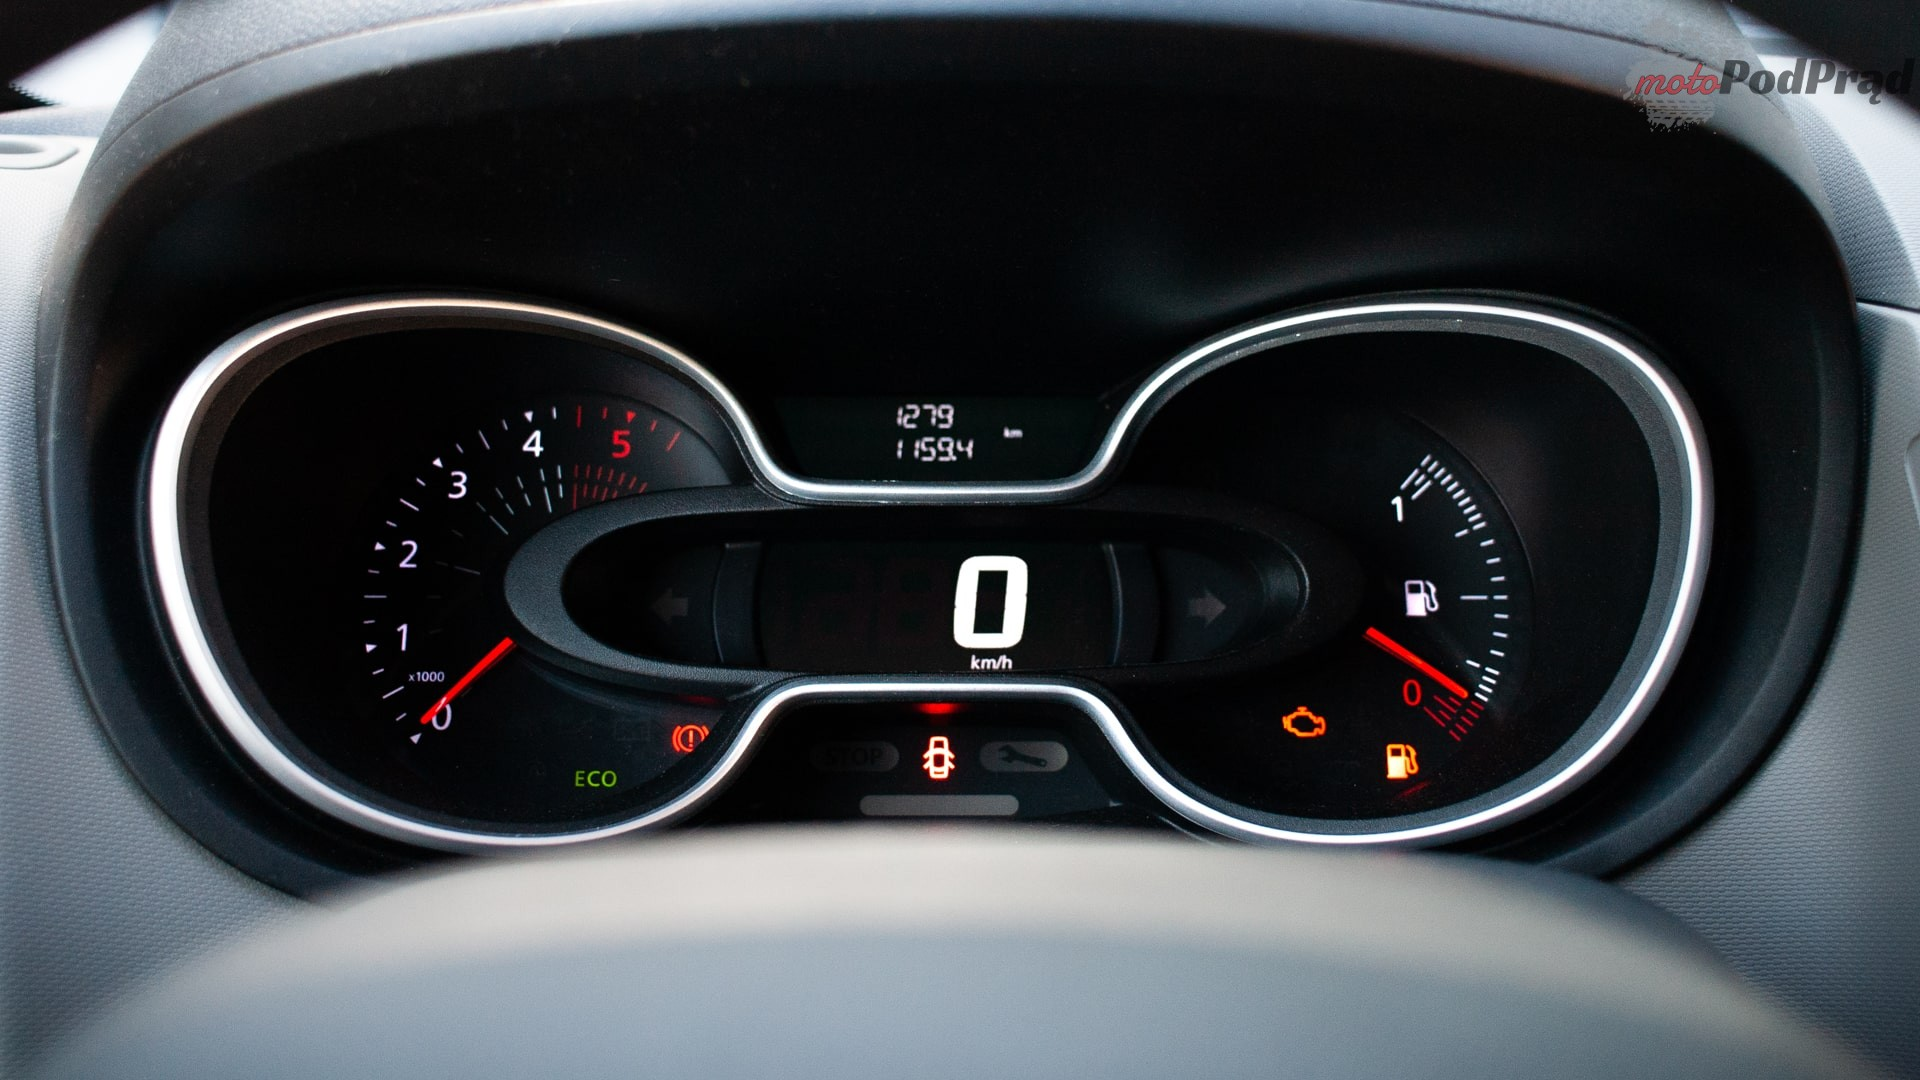 renault trafic 7 Test: Renault Trafic furgon z zabudową Renault Tech – mobilny serwis